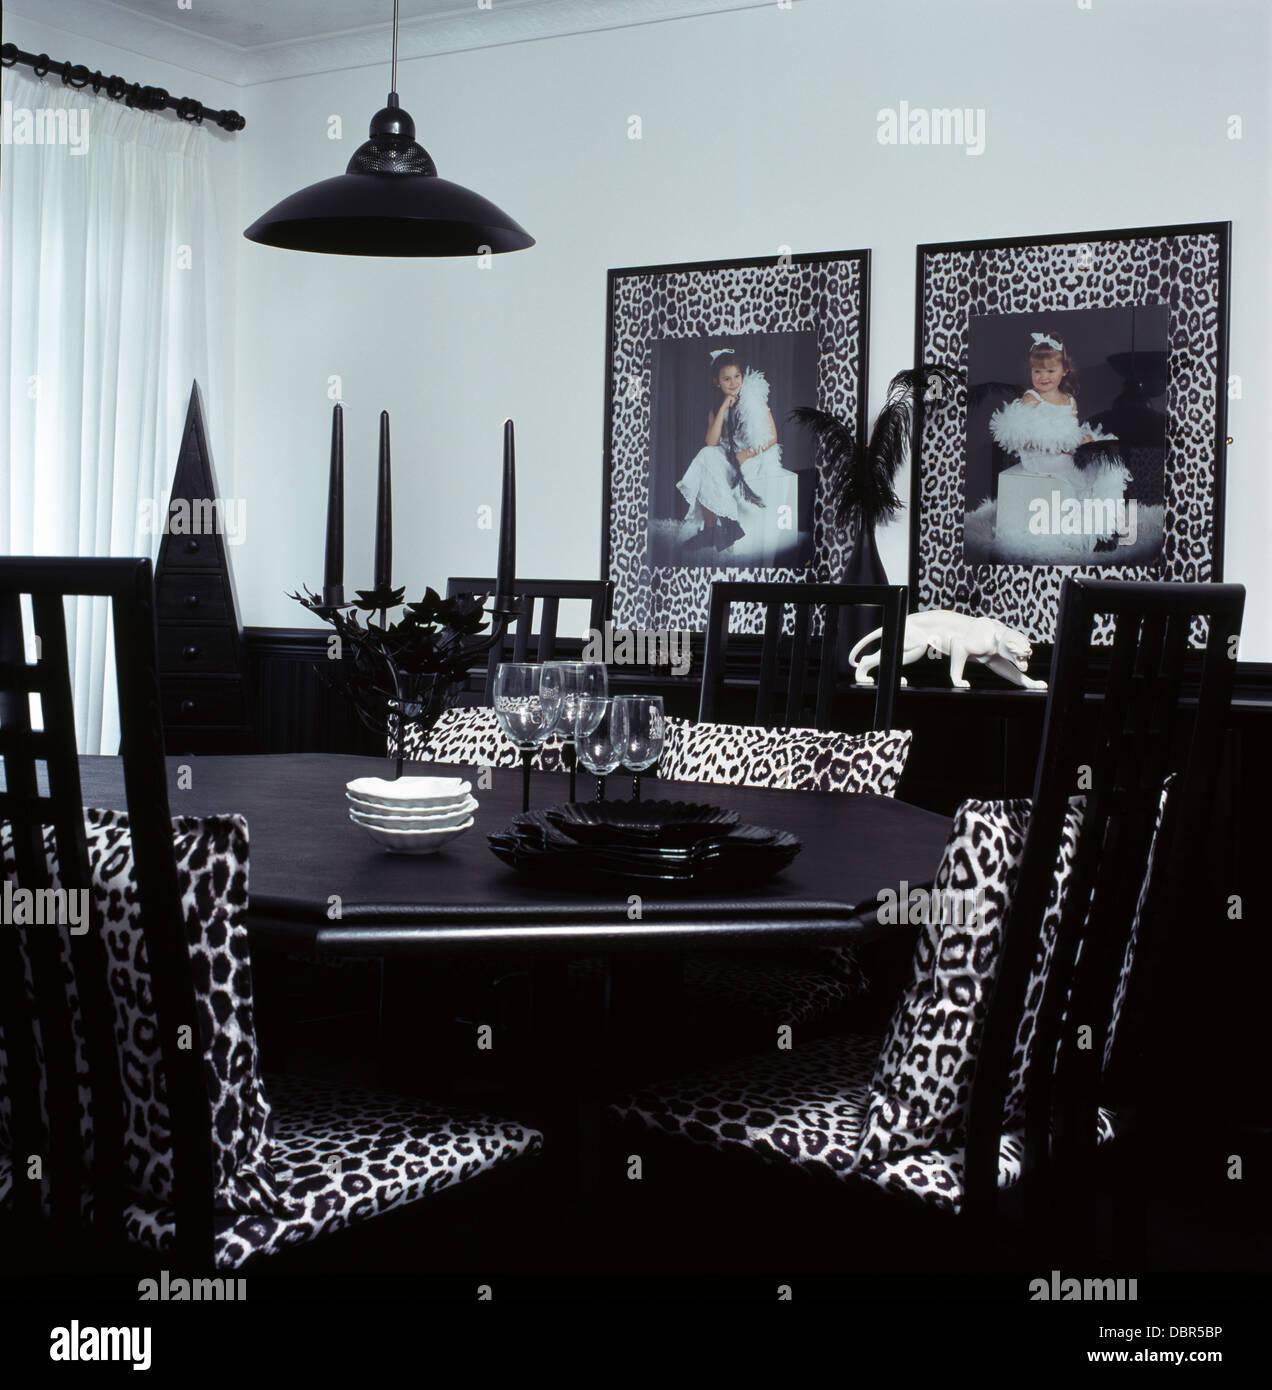 Schwarz + weiß Tier-Print Kissen auf schwarzen Stühlen am schwarzen ...